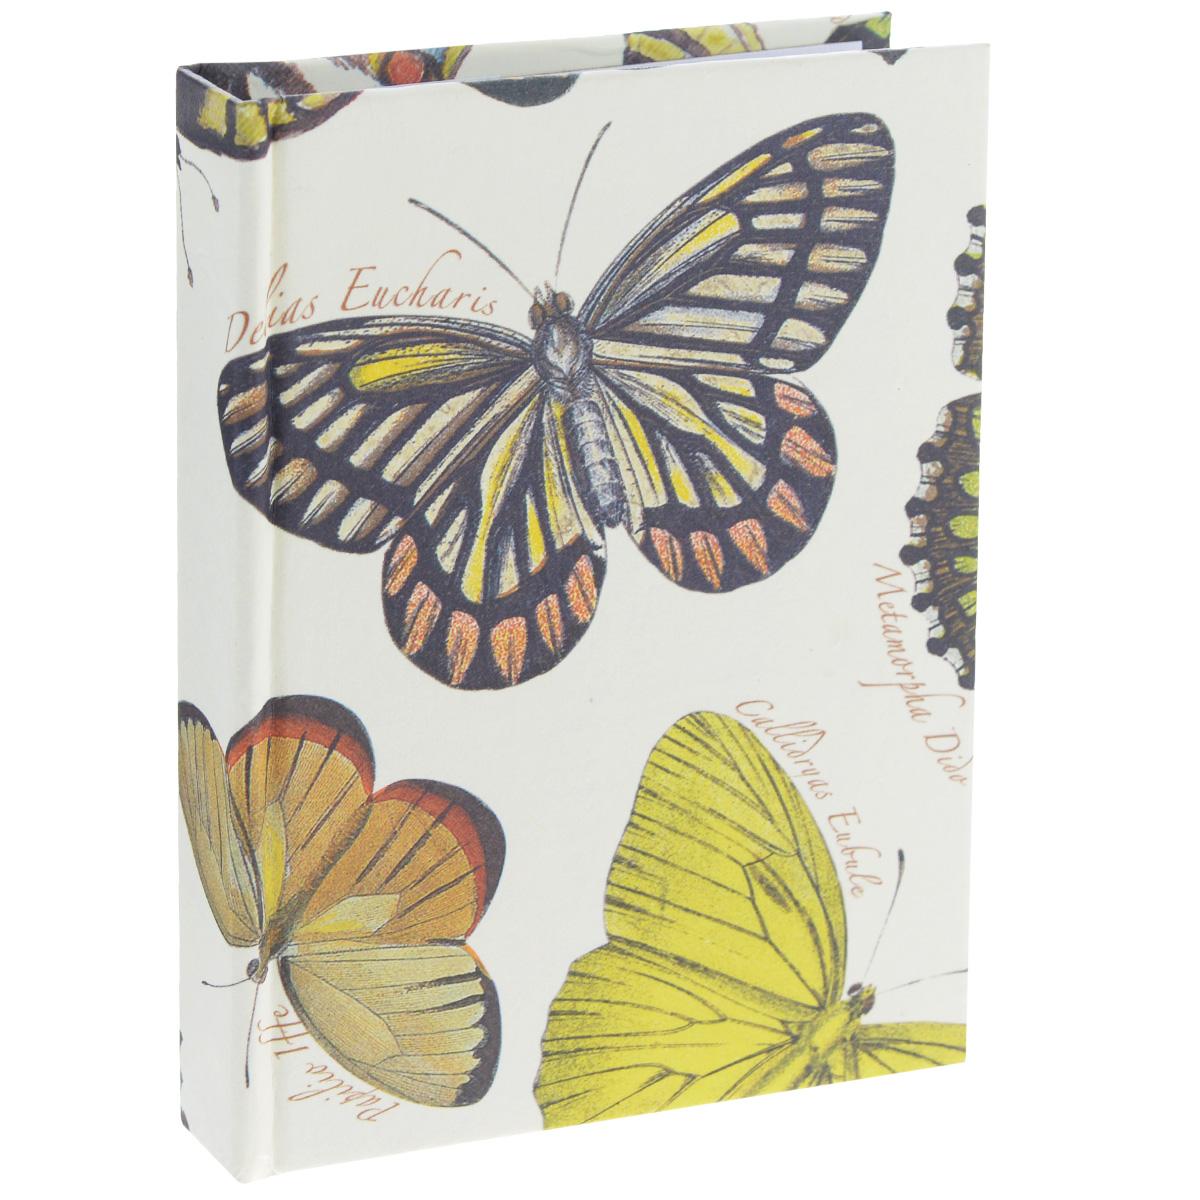 Блокнот Власта Артбук. Бабочки, 7,5 х 10 см, 150 листов72523WDБлокнот Власта Артбук. Бабочки с отрывными листами предназначен для набросков и записей. Жесткая картонная обложка украшена изображением бабочек. Блок содержит 150 белых листов без разметок размера 7,5 х 10 см с логотипом Artbook.Такой блокнот удобен тем, что может легко умещаться в дамской сумочке и в барсетке. Жесткая (книжная) обложка предохраняет листы от порчи и замятия.Общий размер блокнота: 8 х 10,5 см. Количество листов: 150.Размер листов: 7,5 х 10 см.